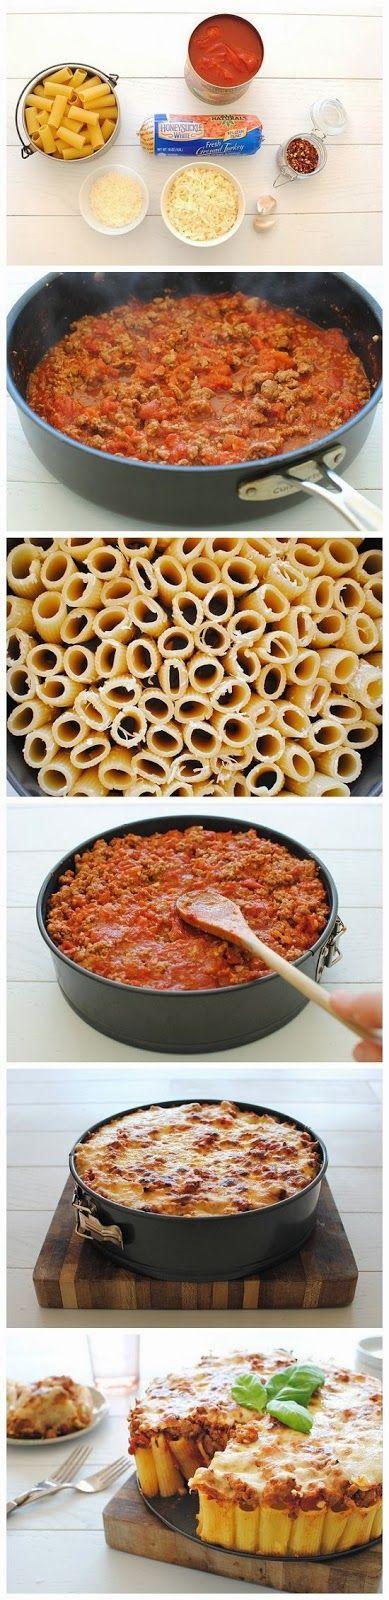 How To Pasta Pie